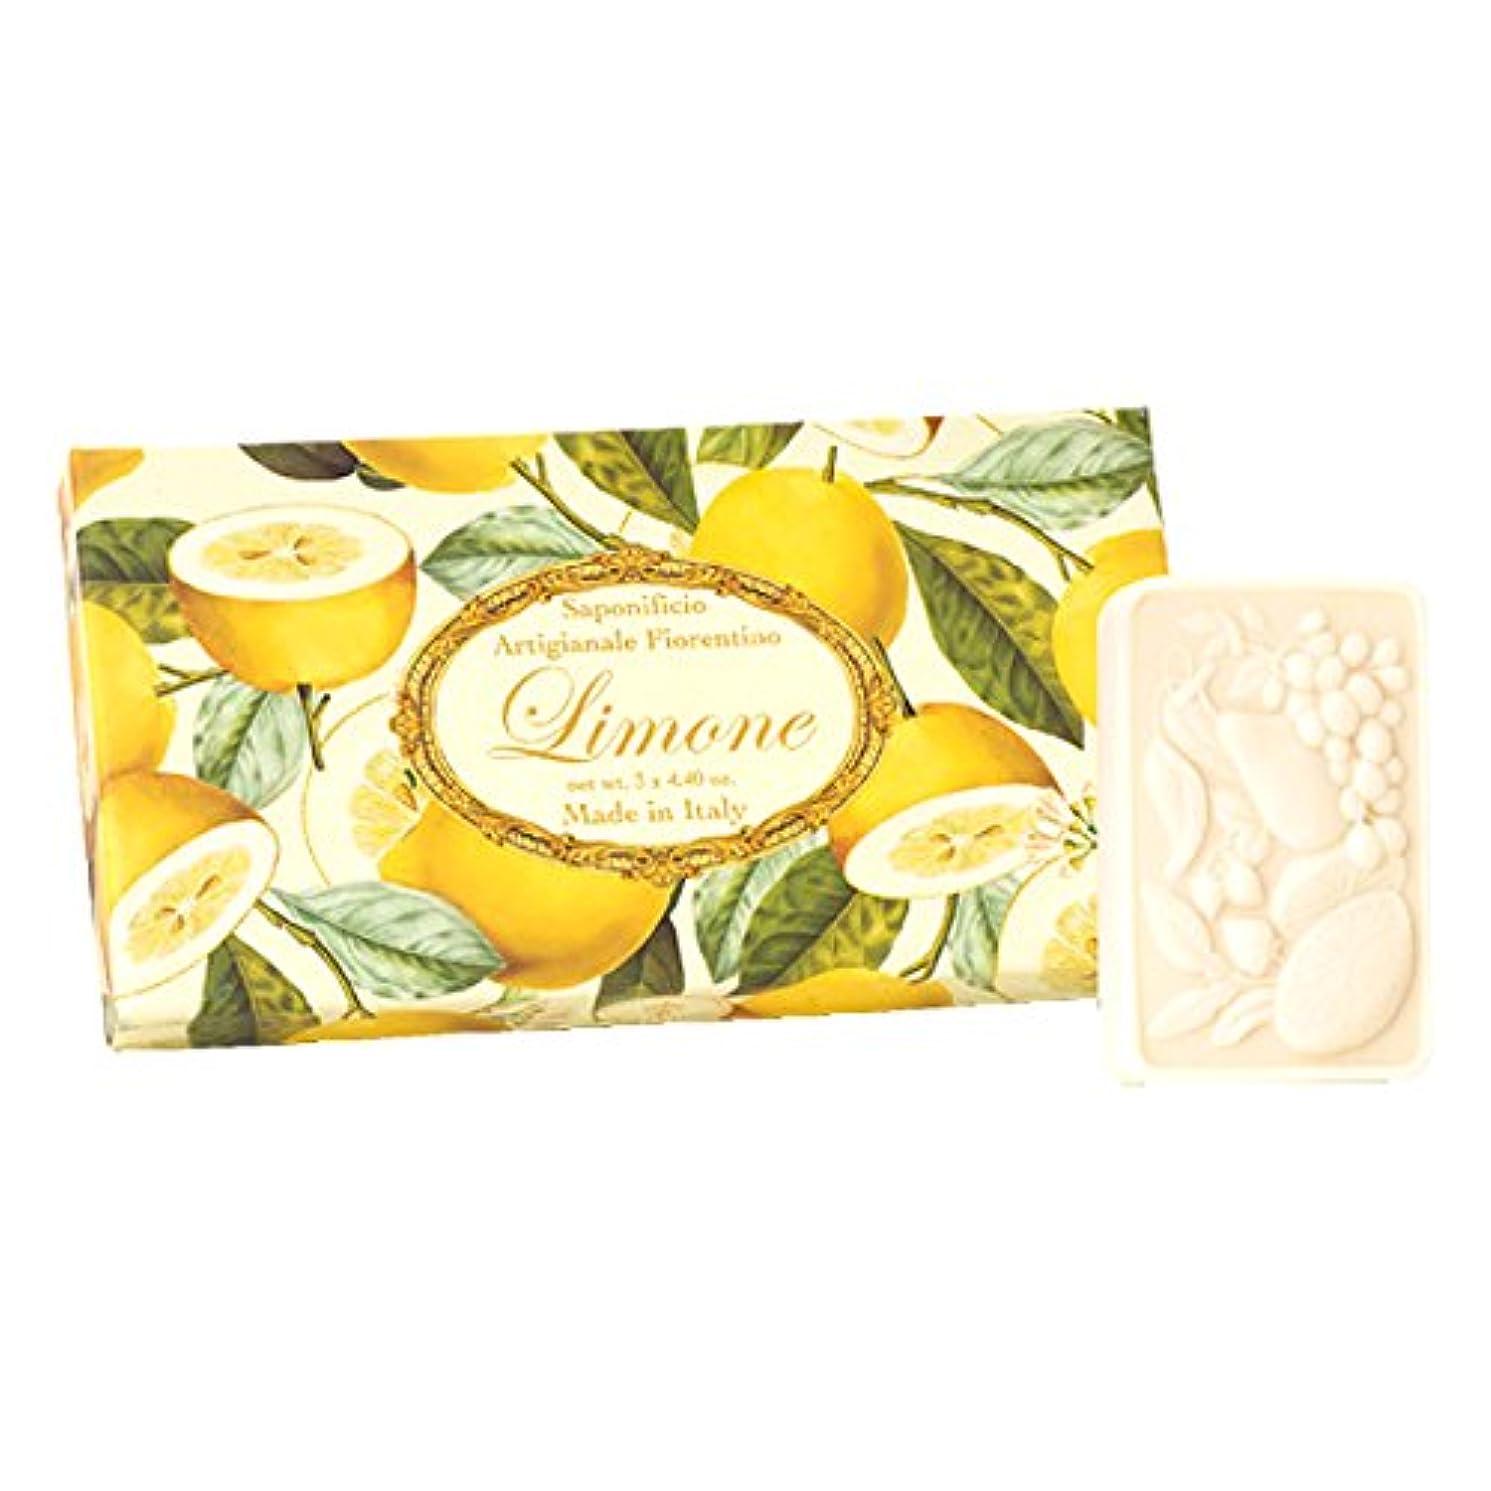 コンセンサスつまずく職人フィレンツェの 長い歴史から生まれたこだわり石鹸 レモン【刻印125g×3個セット】